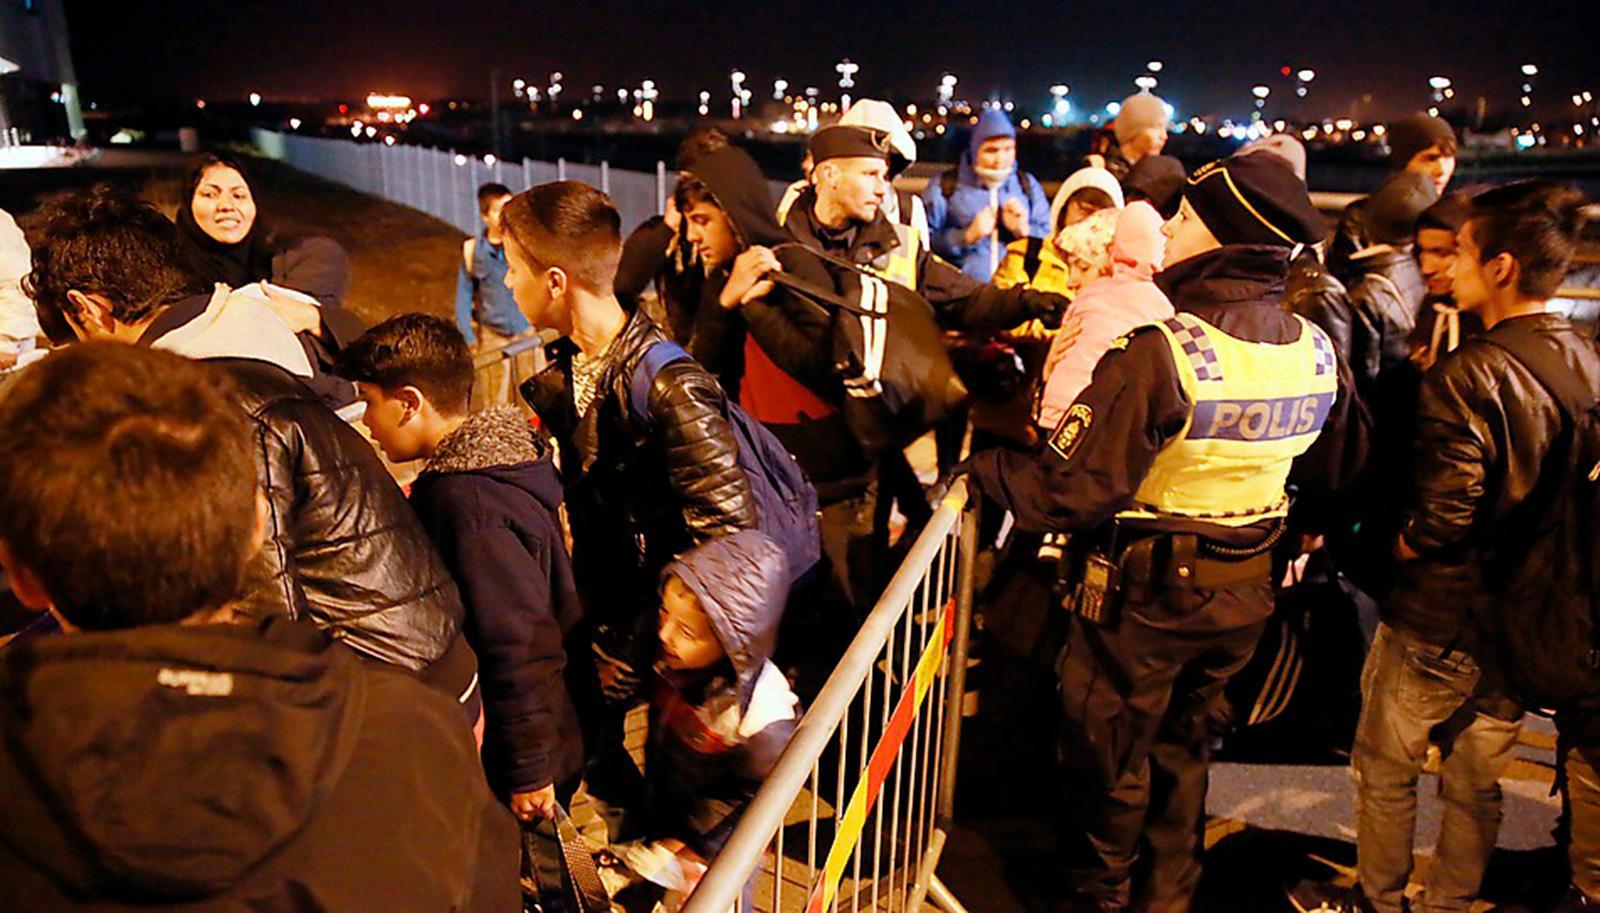 VI KAN INTE STOPPA VÄRLDEN Betydligt större rörlighet av människor är ett faktum, konflikter påverkar oss och framtidens samhällen kommer vara betydligt mindre homogena. Detta är förutsättningar för politiken - inte ämnen för debatt. Bilden visar gränskontrollen vid Hyllie i Malmö.